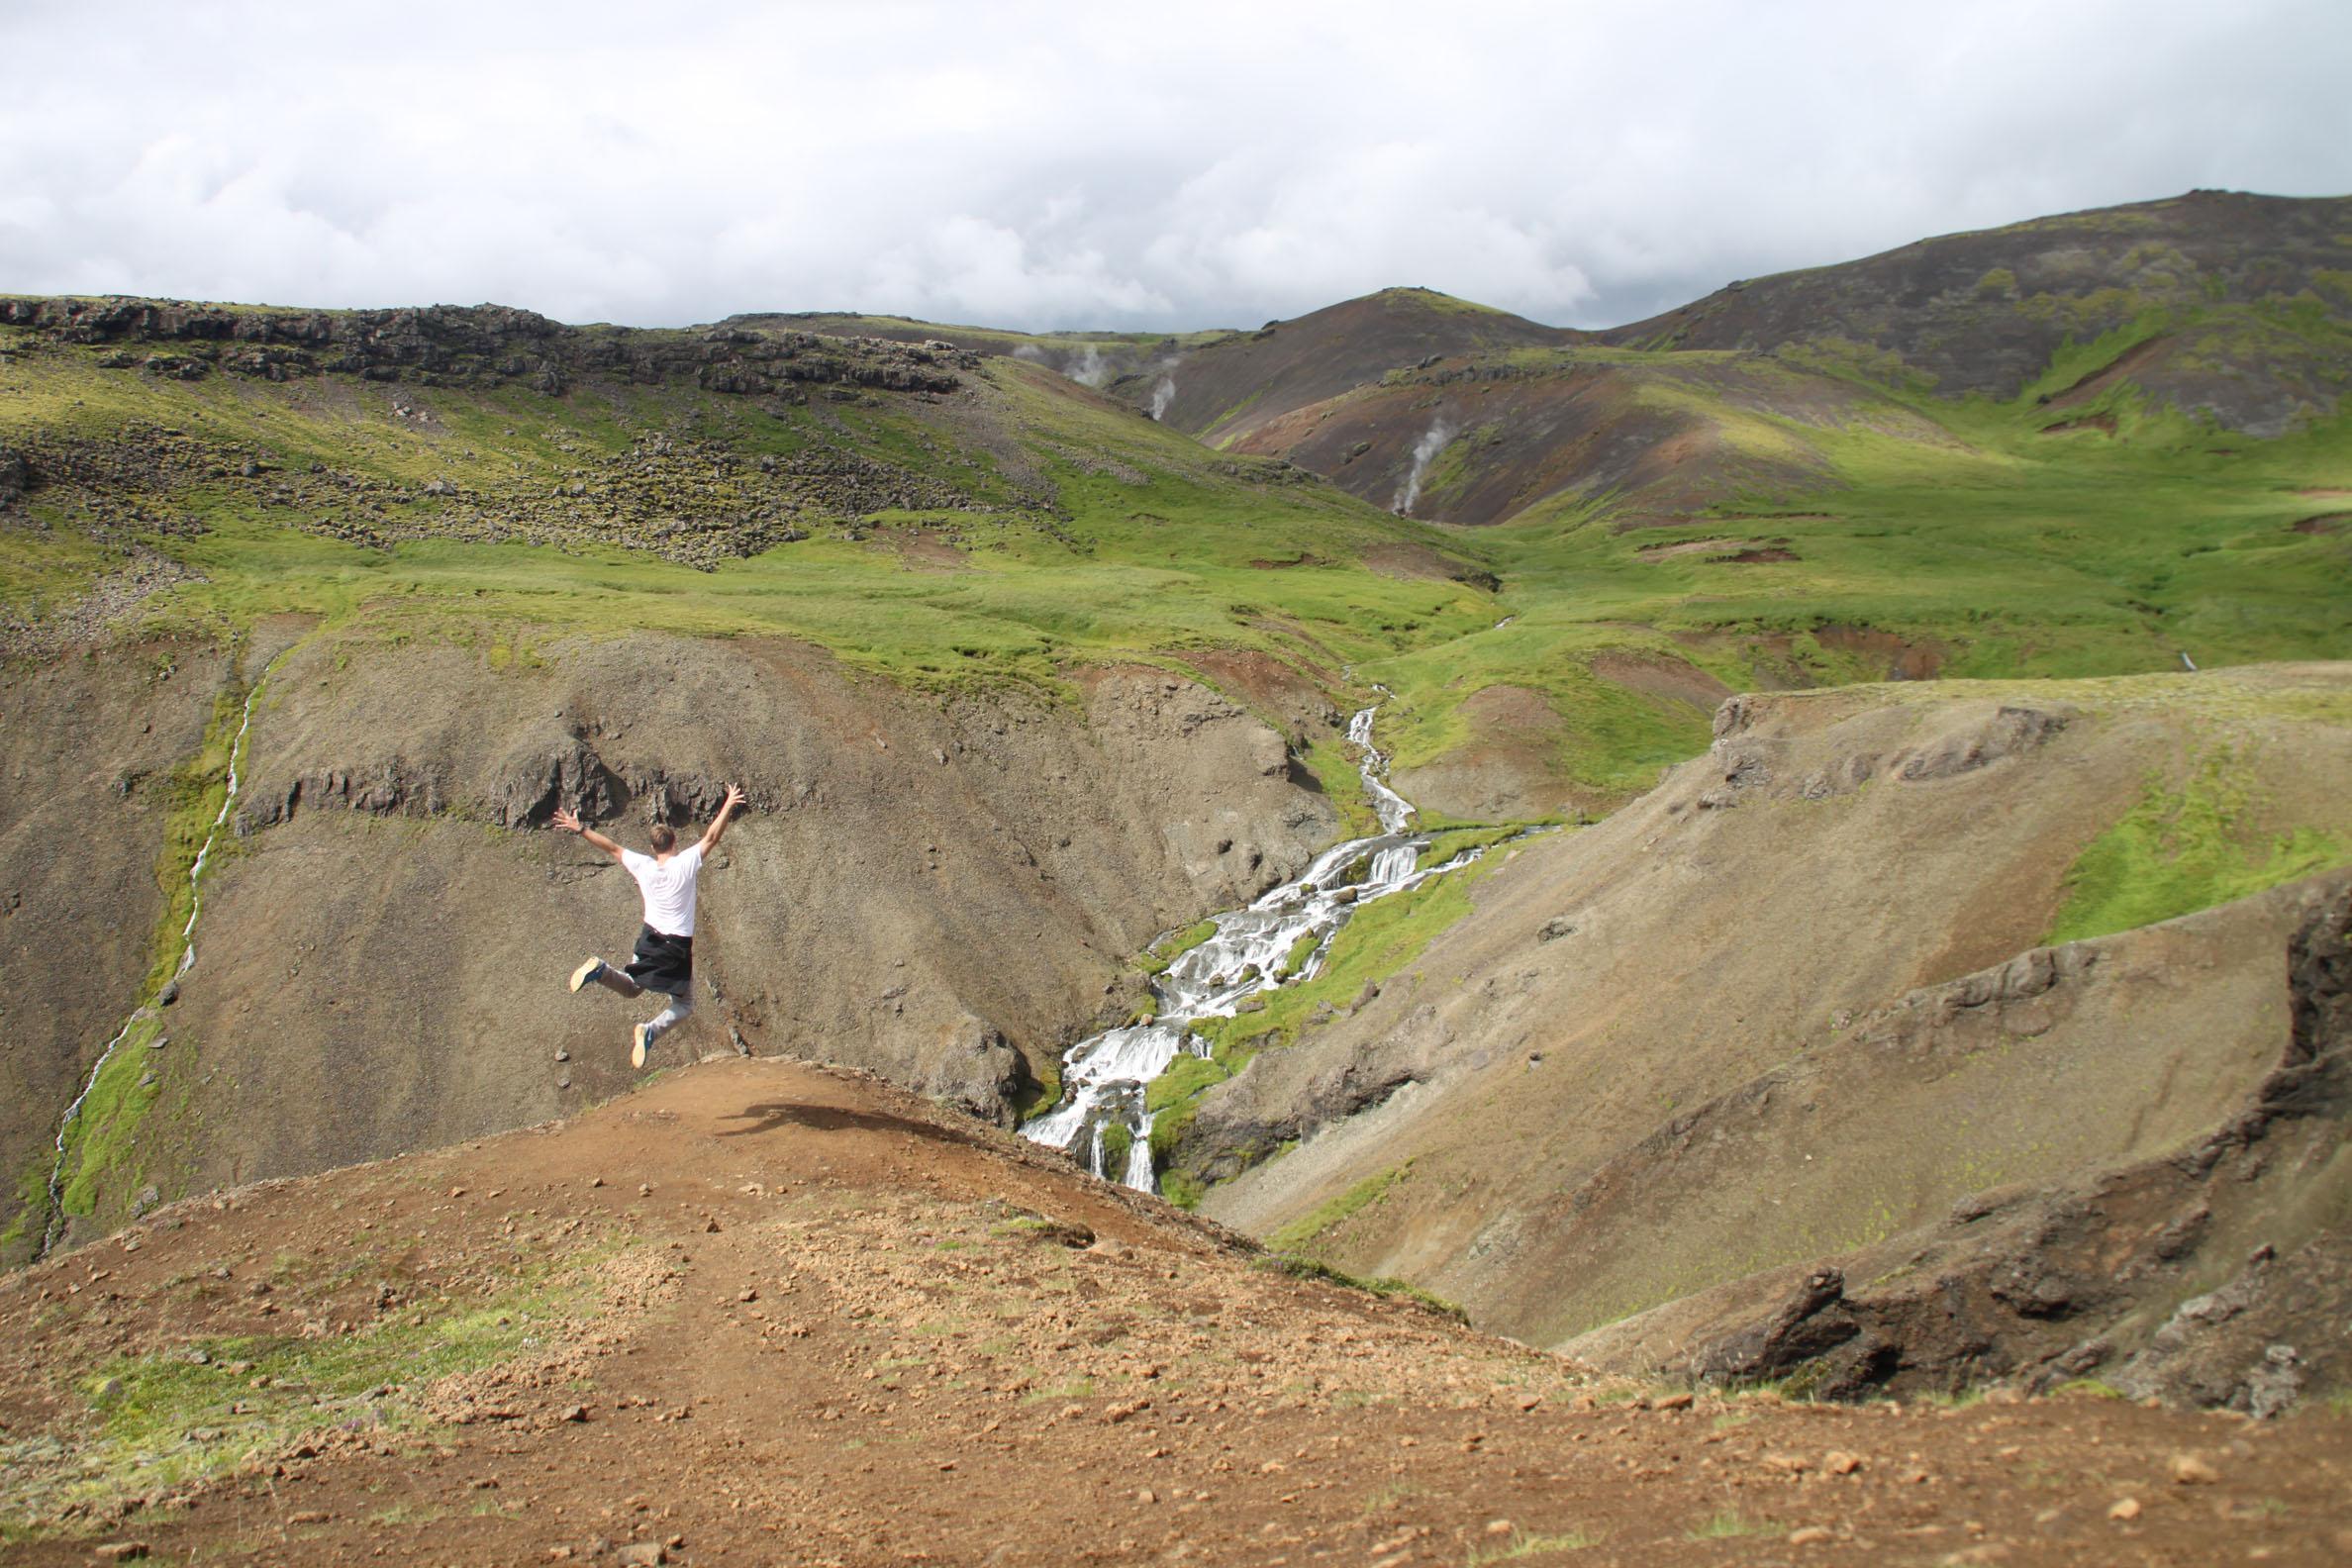 Wanderung im Reykjadalur